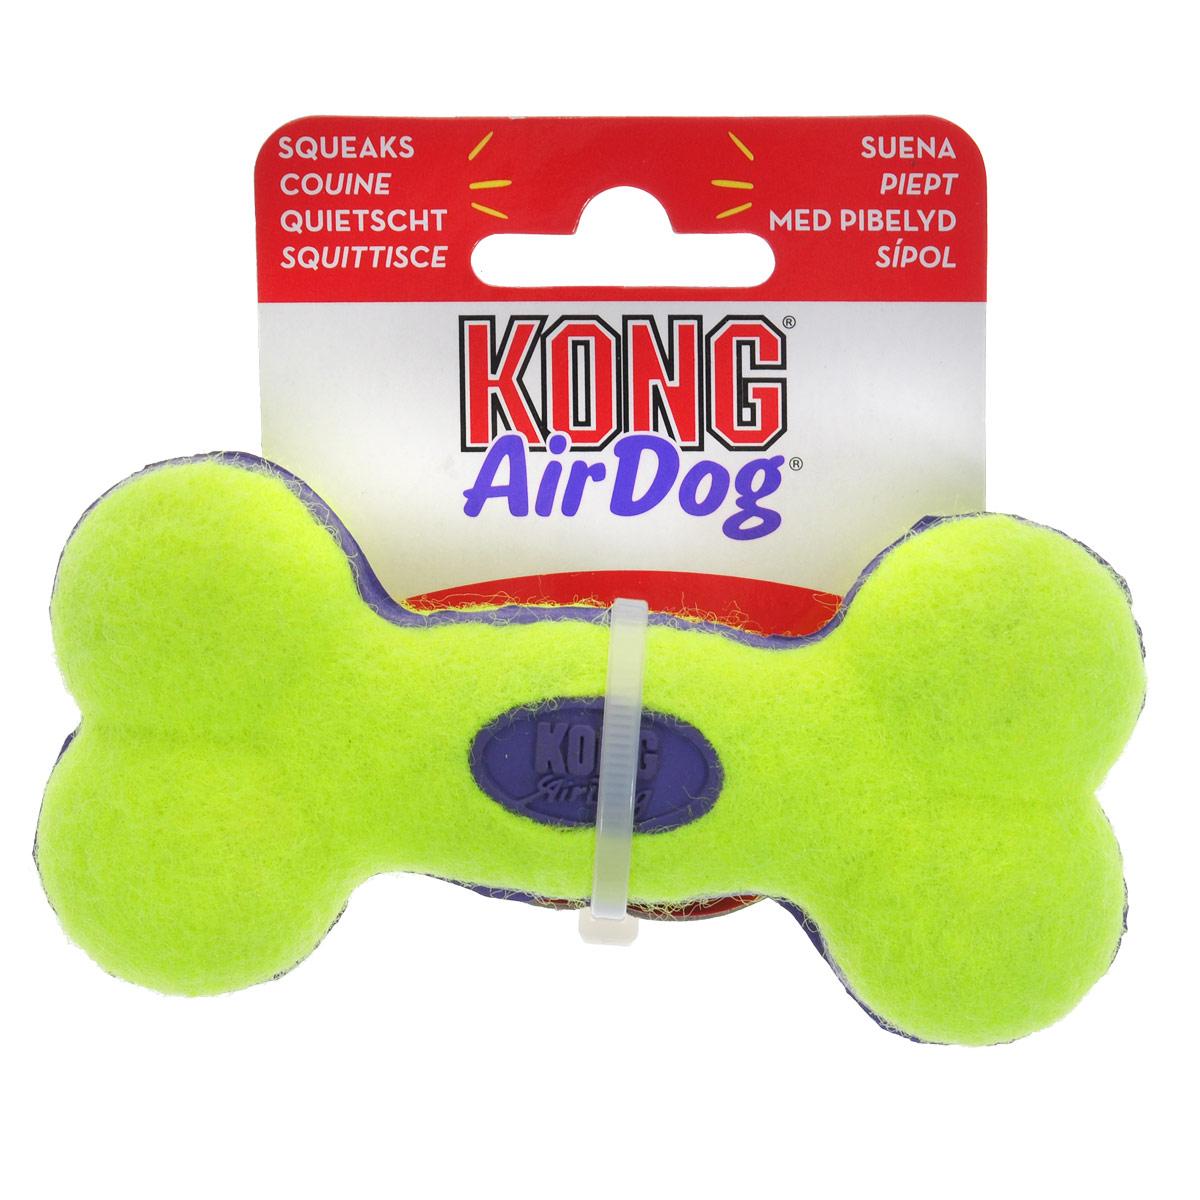 Игрушка для собак Kong Air Косточка. ASB3ASB3Игрушка для собак Kong Air Косточка предназначена для собак мелких пород весом от 1 до 10 кг. Эта игрушка - на 100% настоящие теннисные мячи в различных забавных формах и размерах. Такой мячик имеет непредсказуемую траекторию при отскакивании от земли и может плавать на поверхности воды. Игрушка выполненная из материала, не вредящего зубам собаки в форме косточки, при надавливании или захвате пастью пищит.